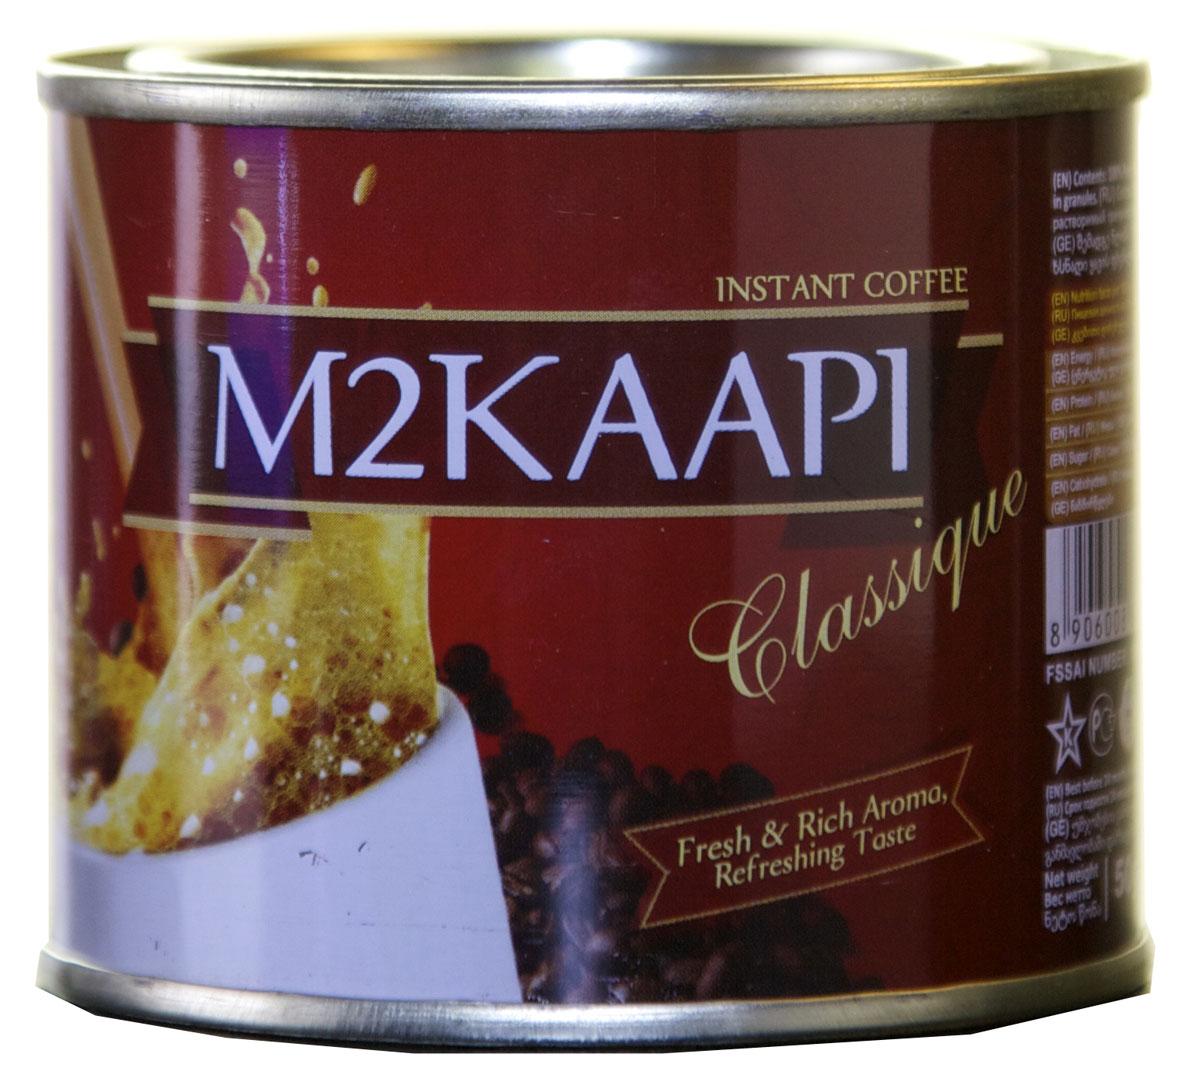 M2Kaapi кофе растворимый гранулированный, 50 г0120710100% натуральный кофе растворимый гранулированный M2Kaapi. Кофе не содержит искусственных добавок и ароматизаторов, содержит 3,77 % кофеина.